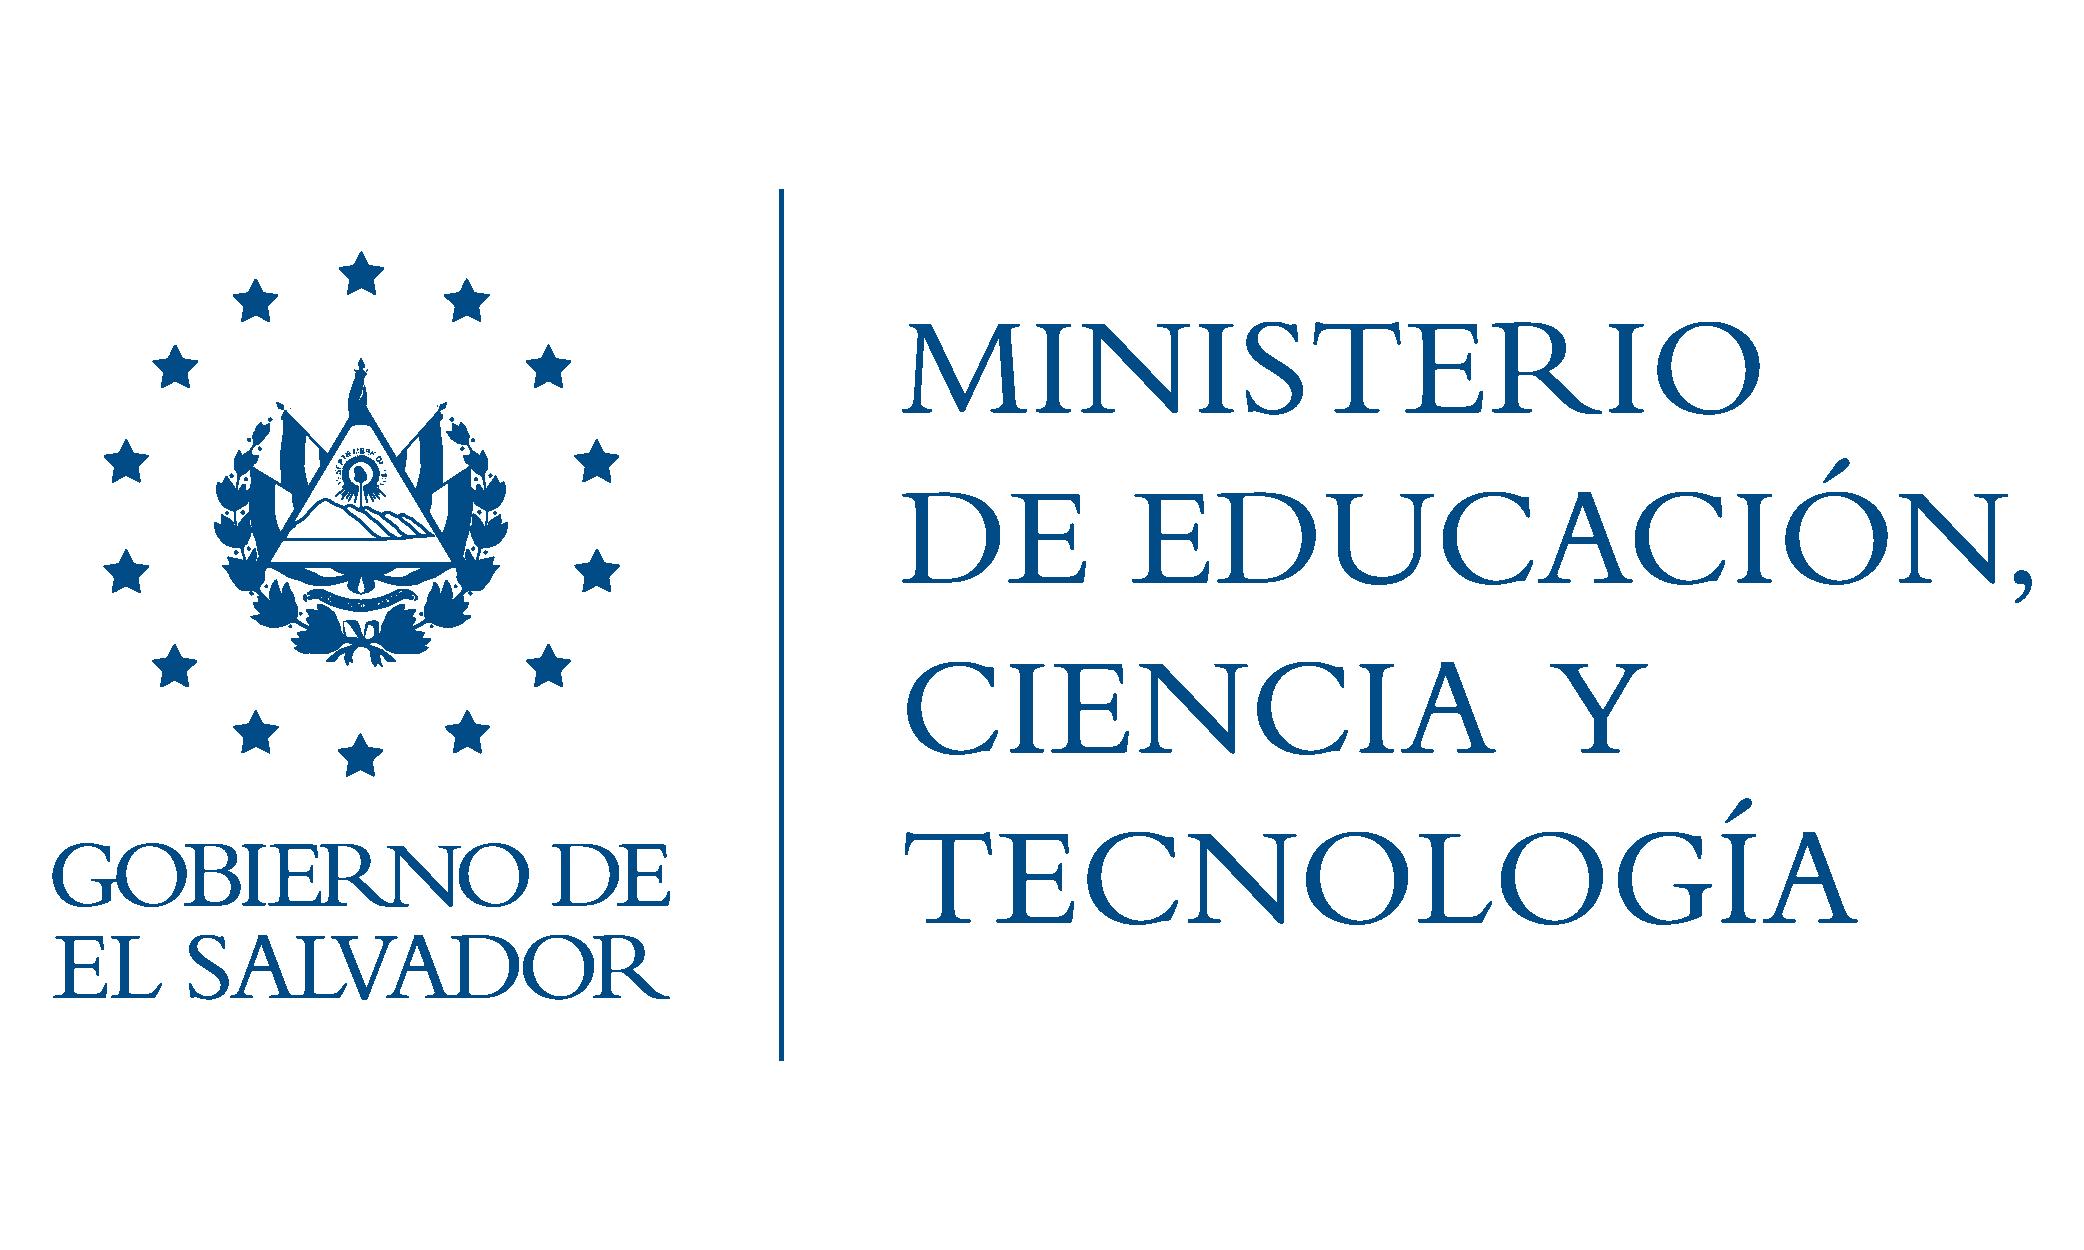 ministerio-de-educacion-ciencia-y-tecnologia-de-el-salvador